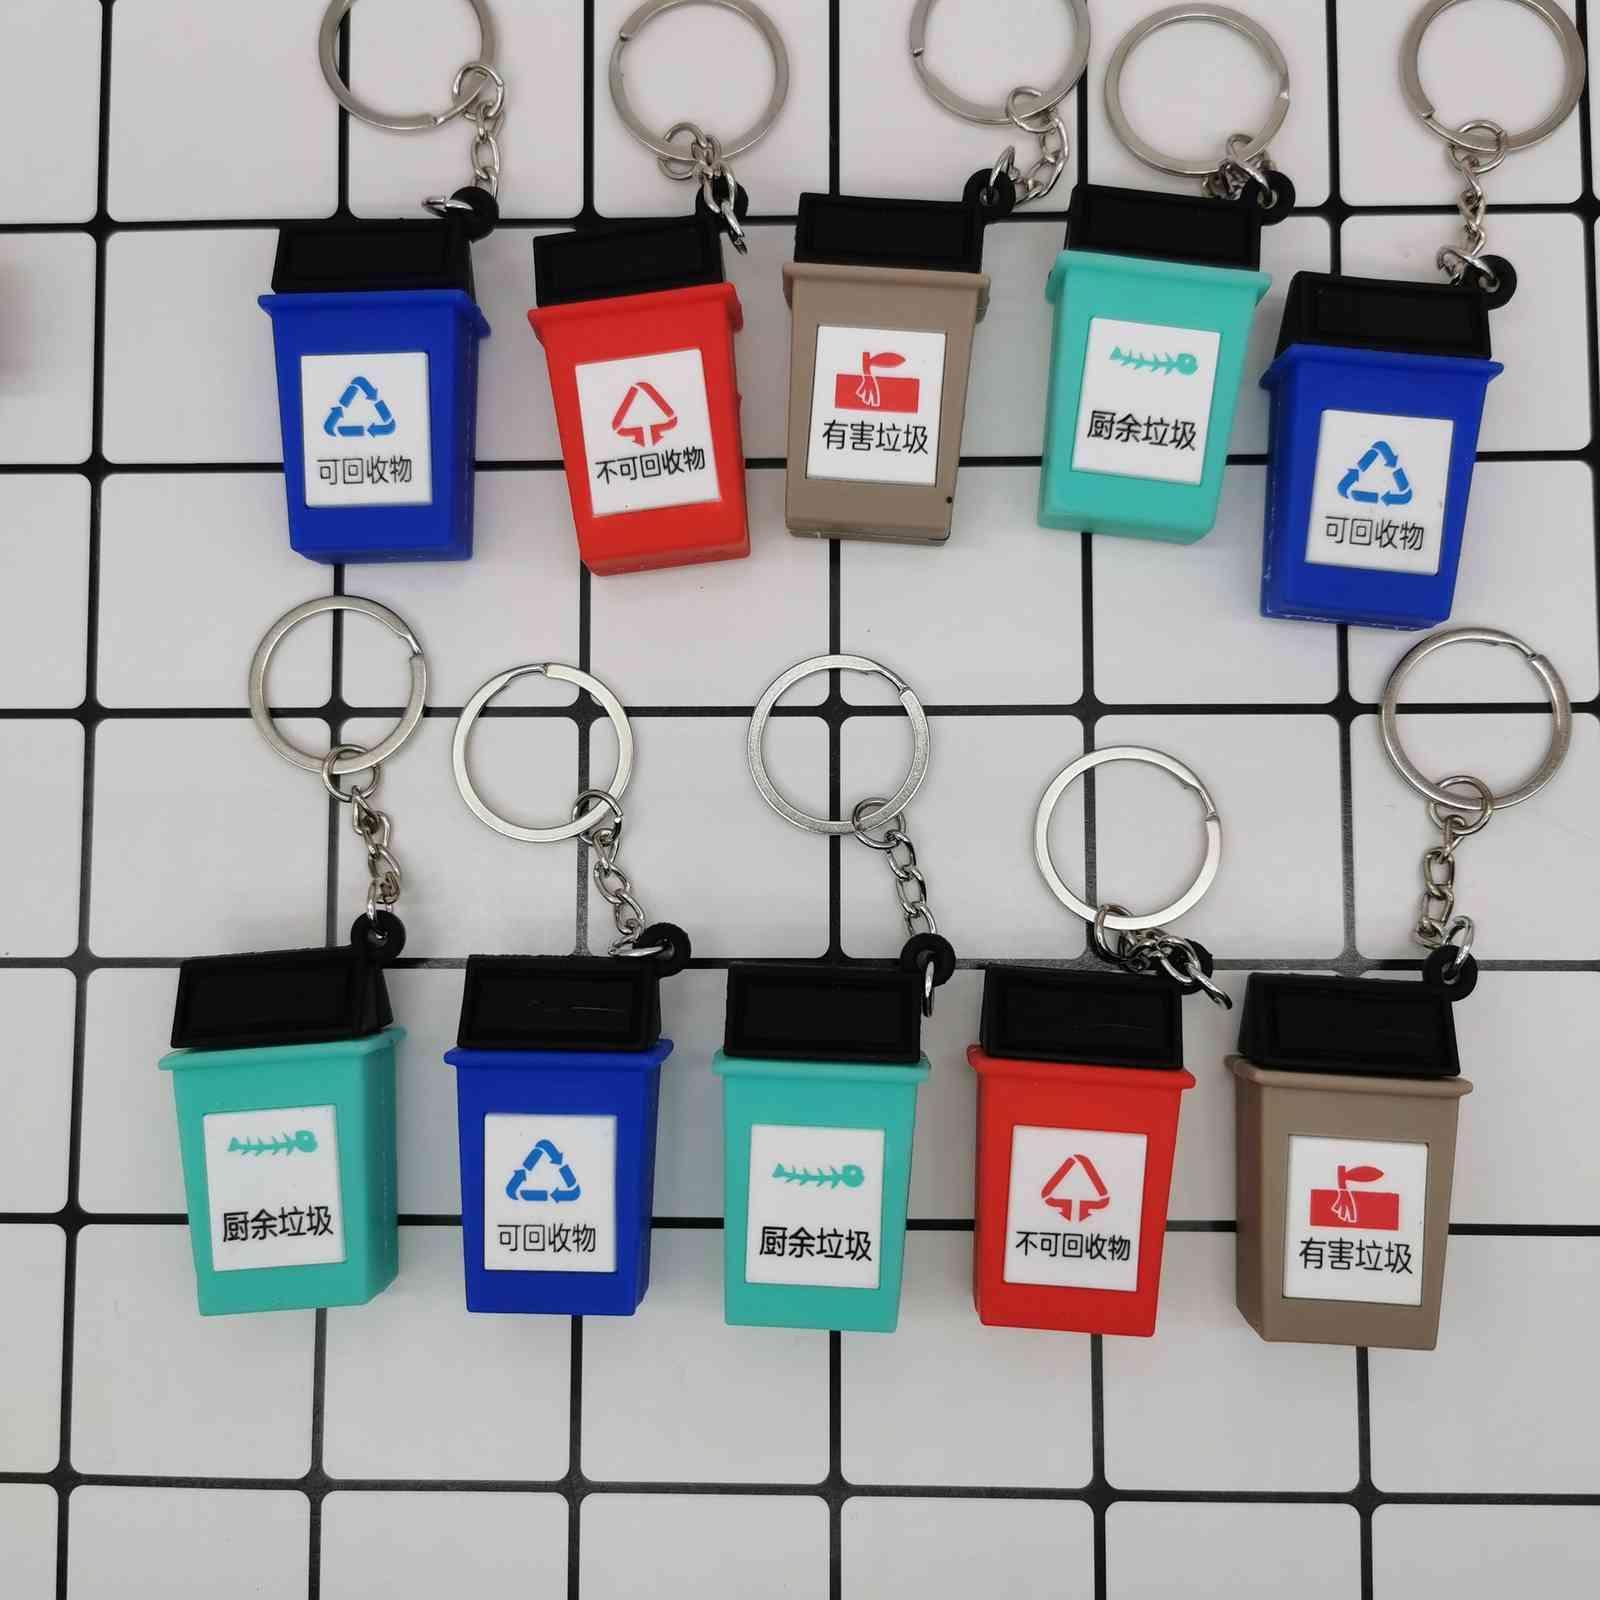 Schlüsselanhänger schütteln die stimme klassifikation tiktok schlüsselanhänger ring anhänger kreative push kleine geschenke